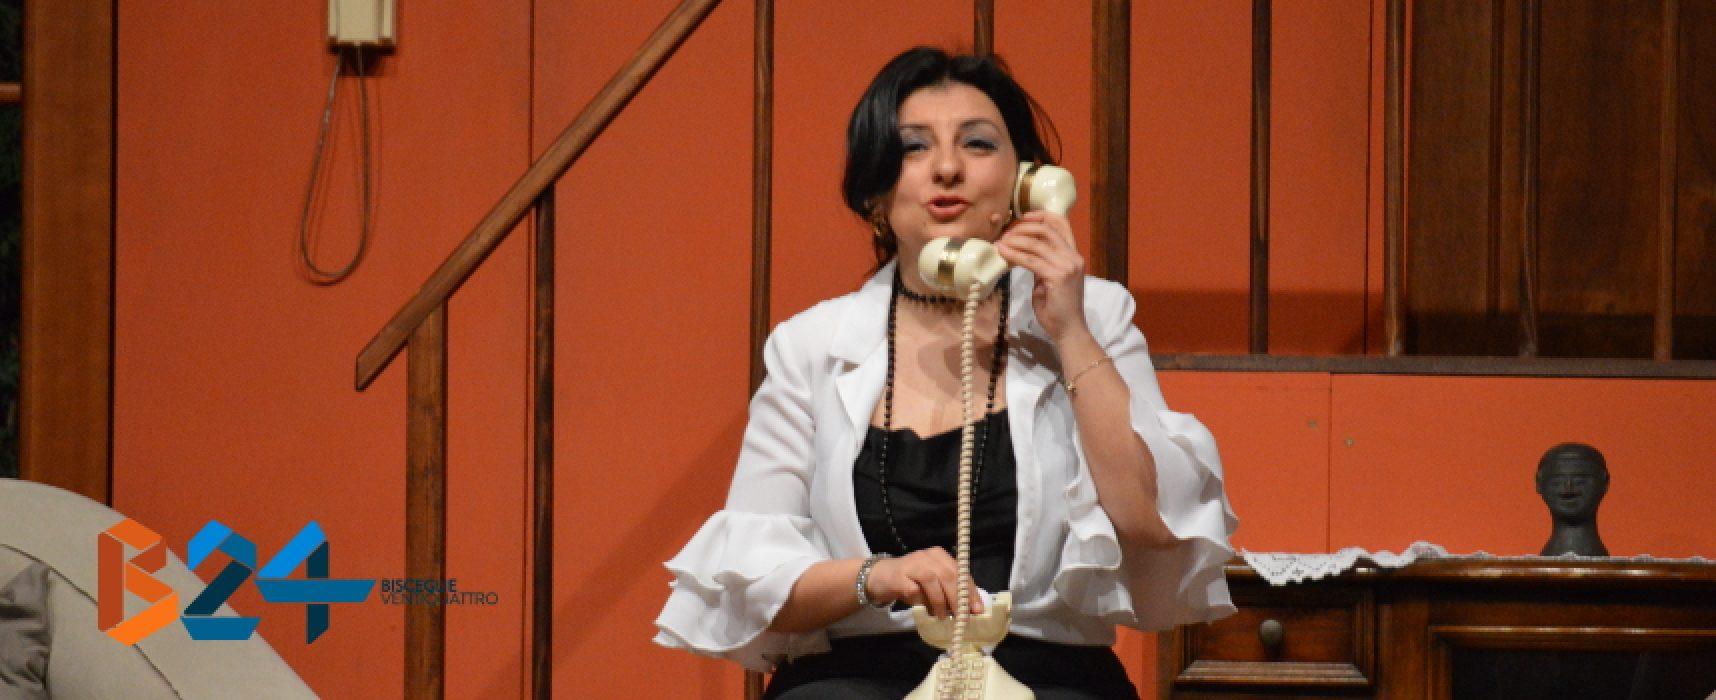 """Compagnia dei Teatranti, Lella Mastrapasqua vince premio """"Miglior attrice"""" a Rotonda"""